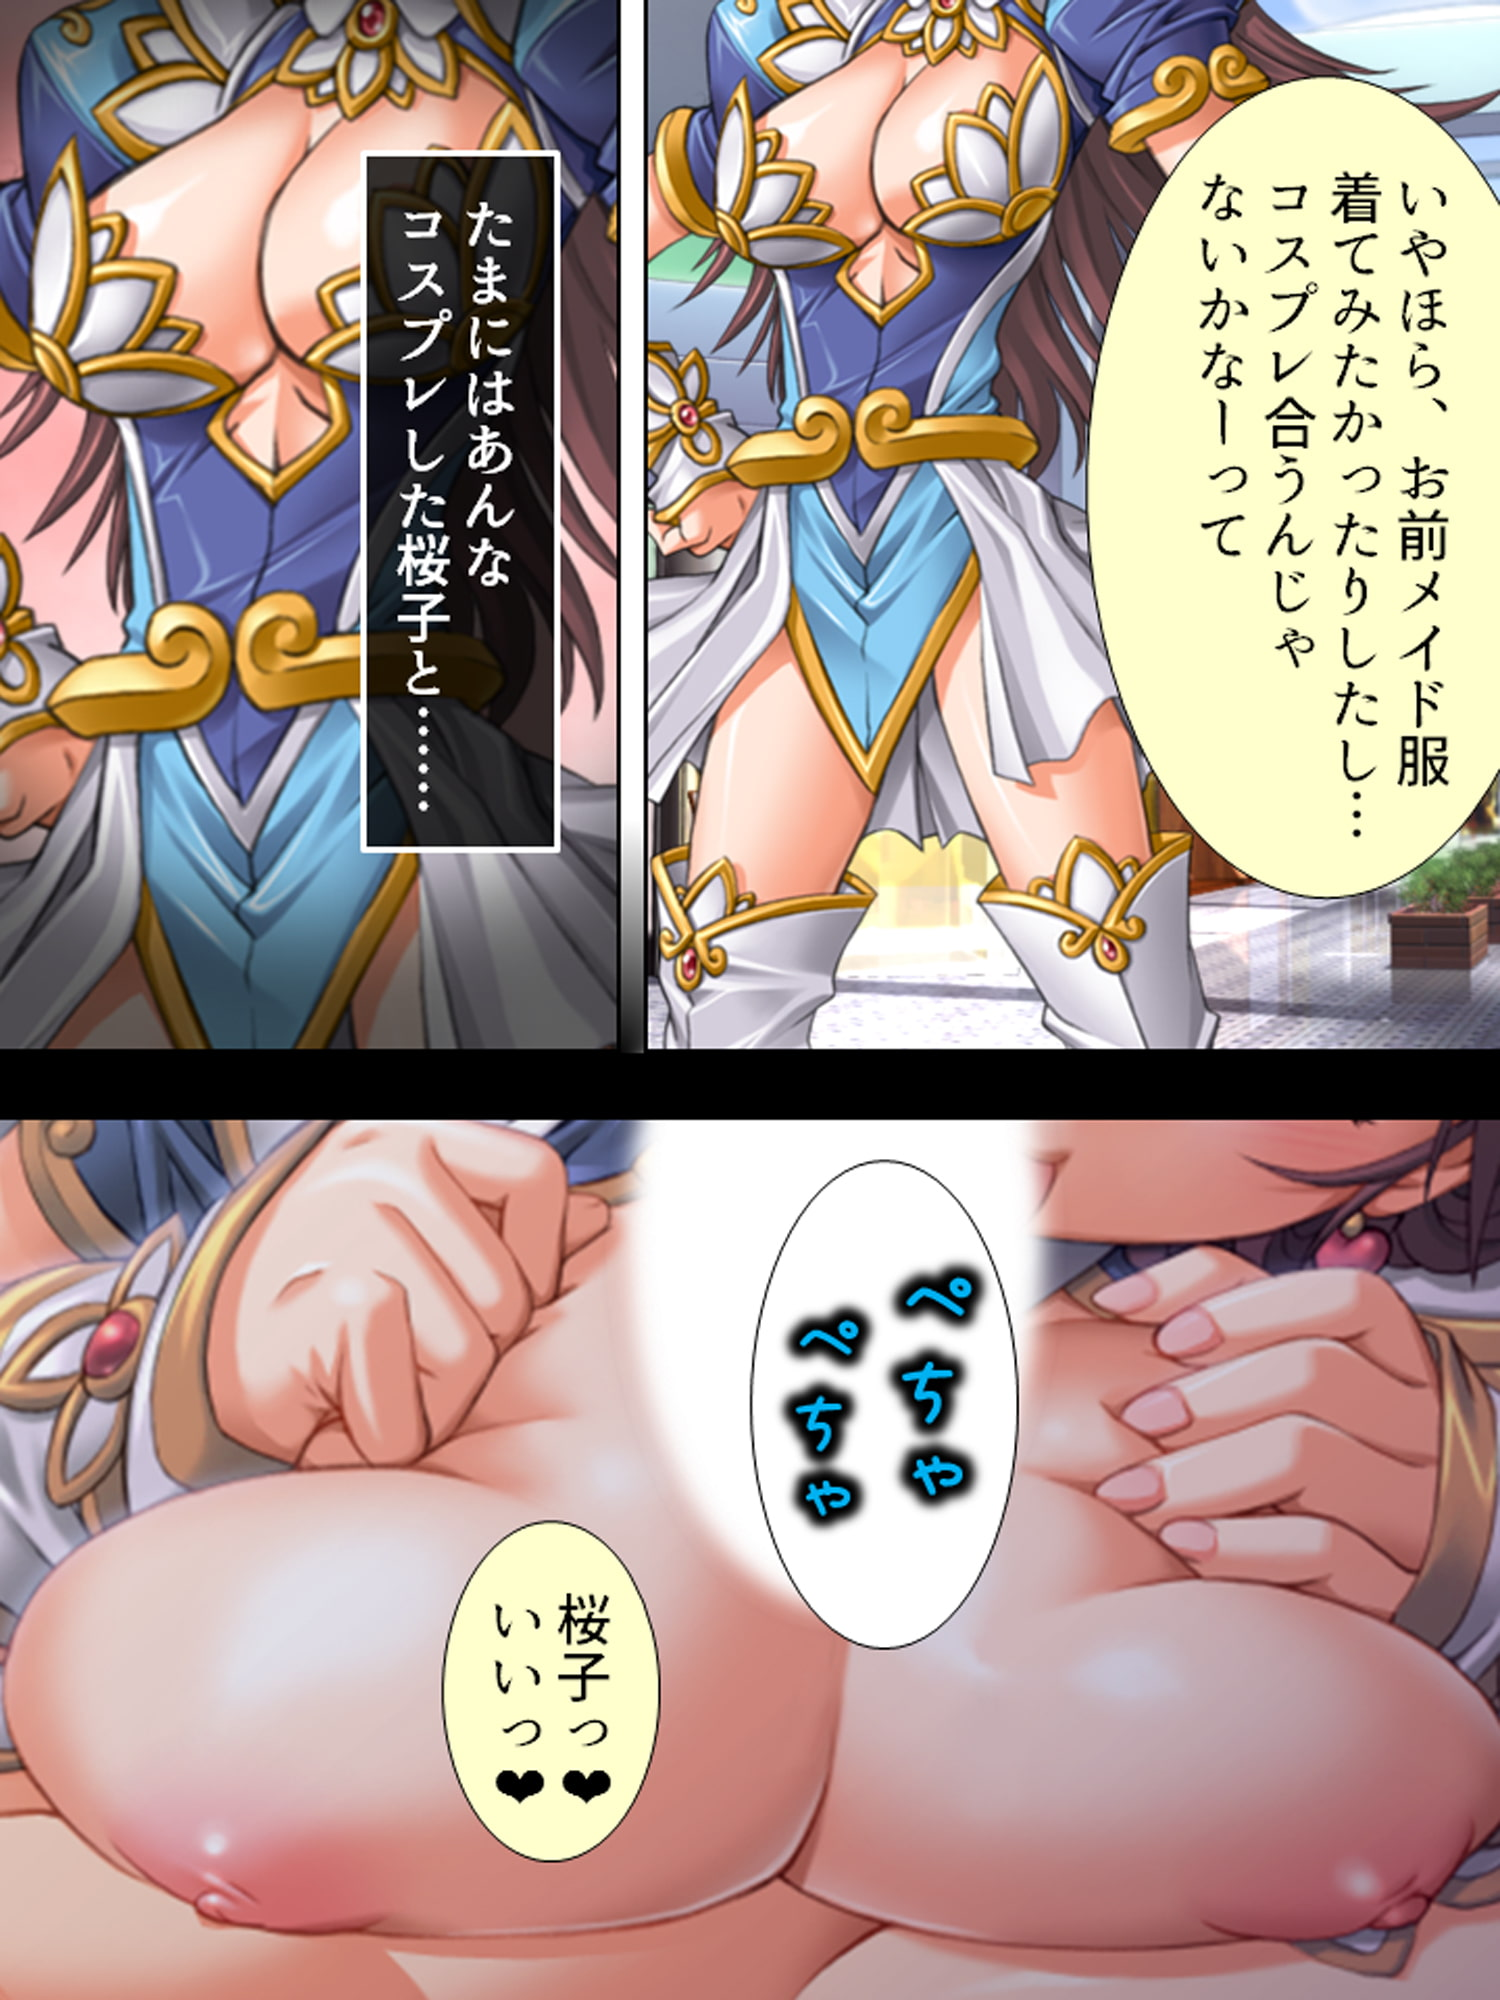 男も女もムッツリスケベ ~制服脱いでお勉強~ 第2巻